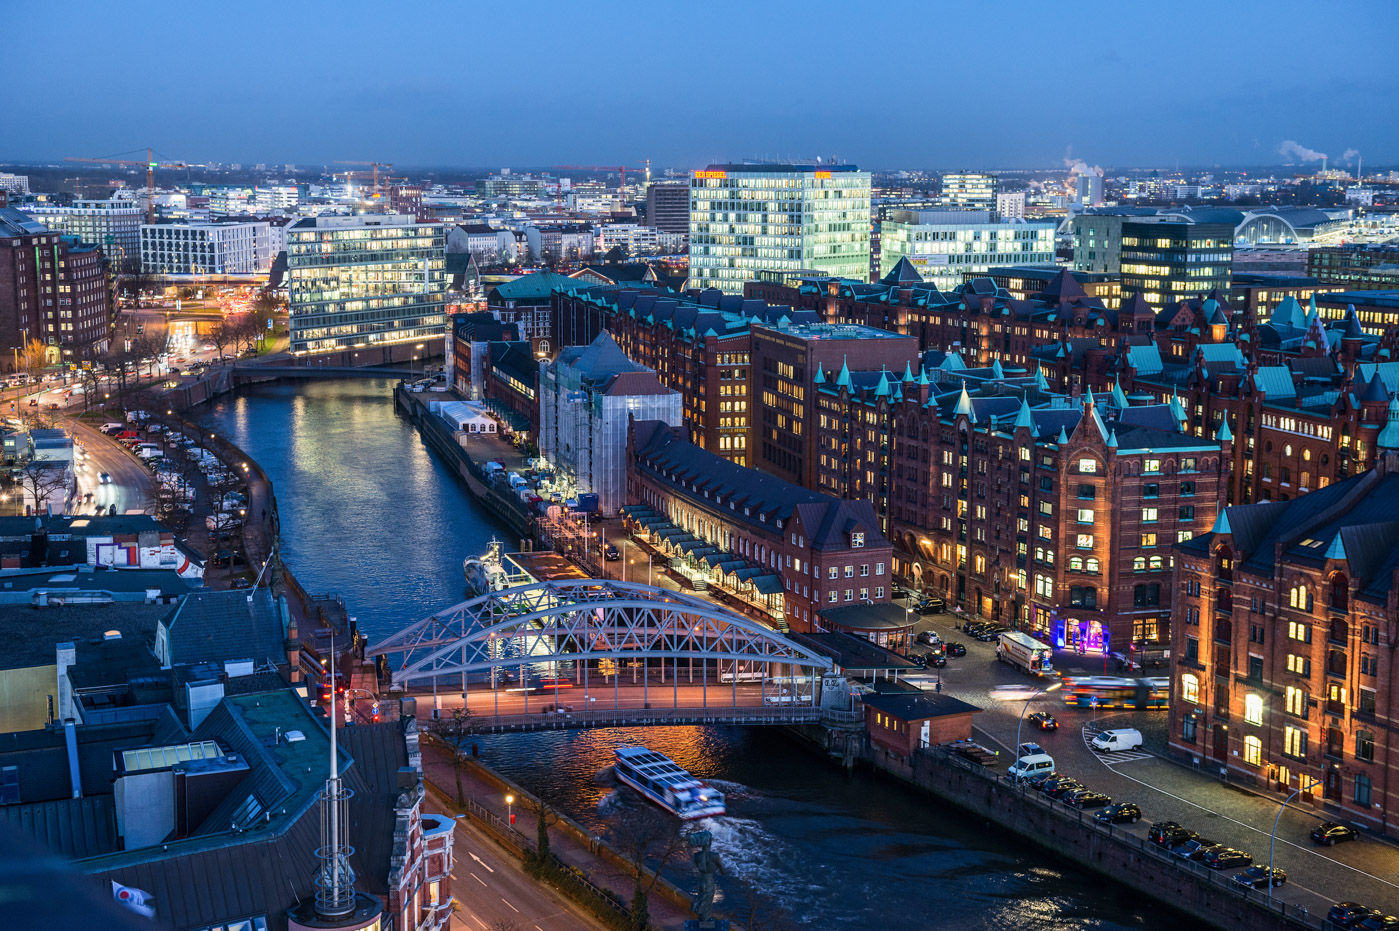 Foto ID 16011501 Nachtaufnahme, Speicherstadt, HafenCity